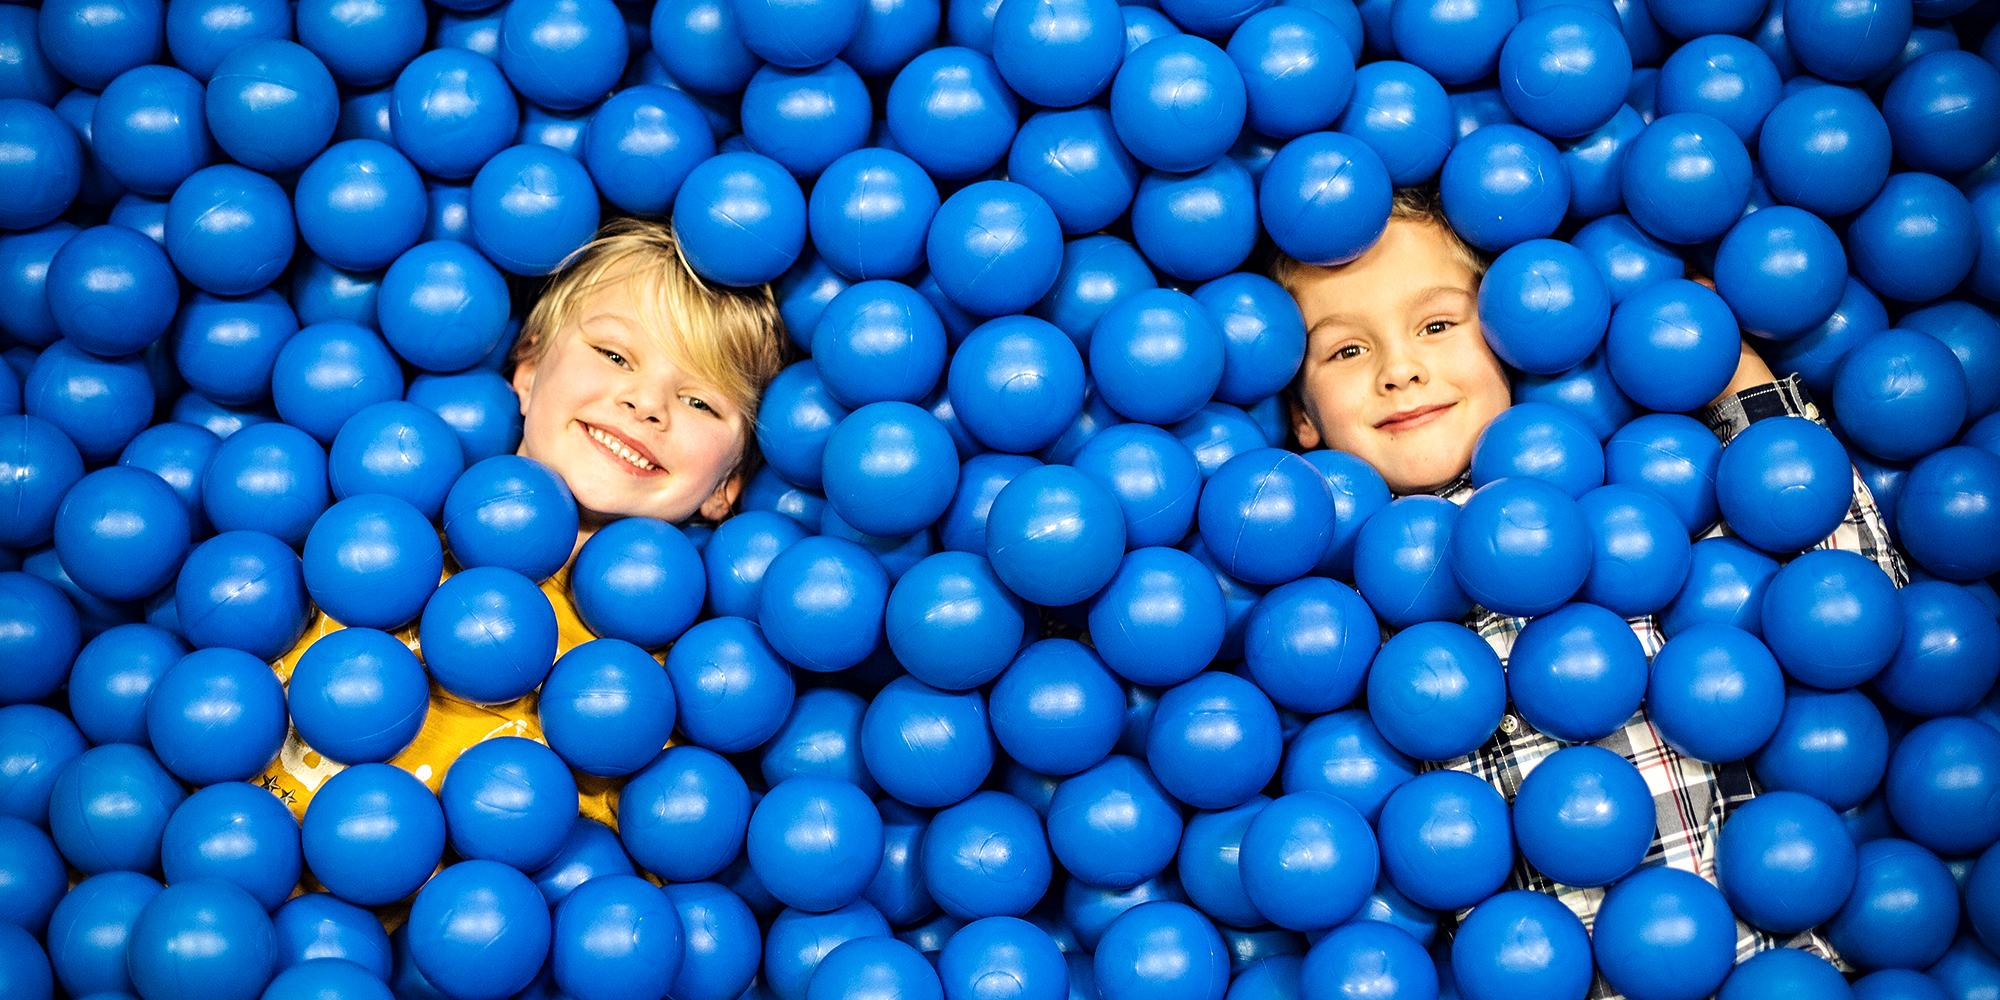 Lykkeland på Steinkjer - 2 barn i ballbinge. Copyright: Lykkeland